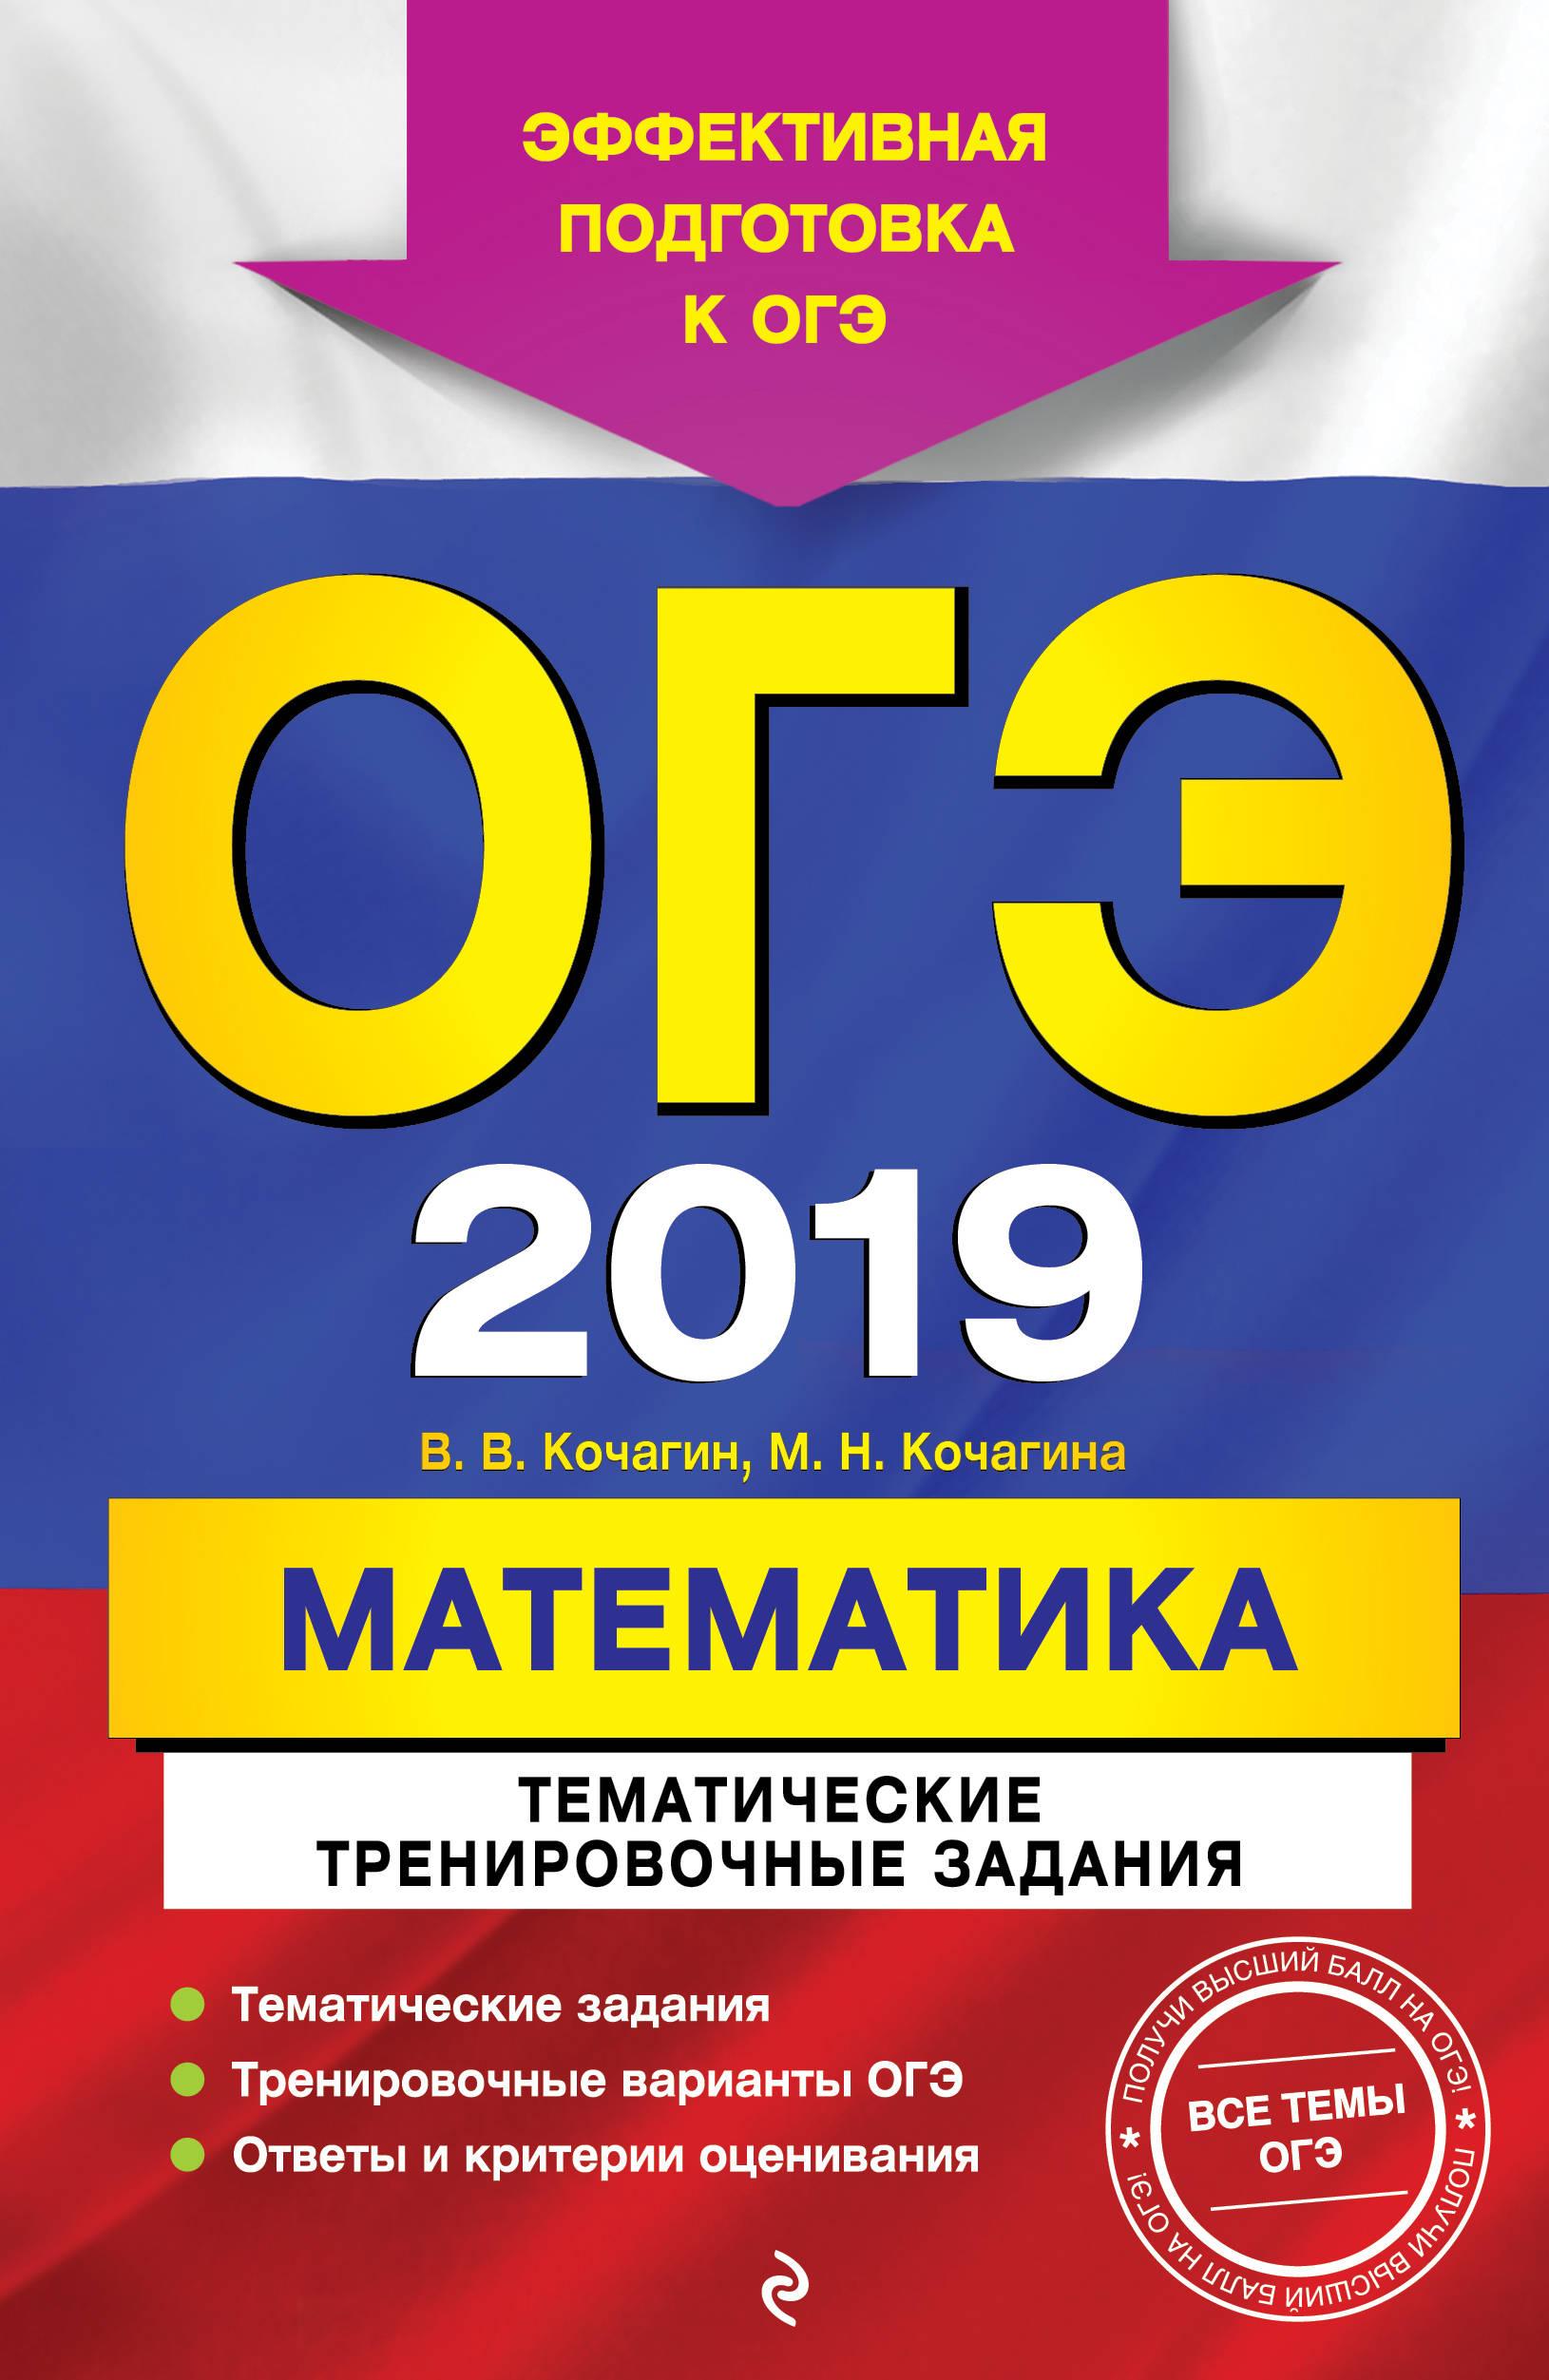 В. В. Кочагин, М. Н. Кочагина ОГЭ-2019. Математика. Тематические тренировочные задания